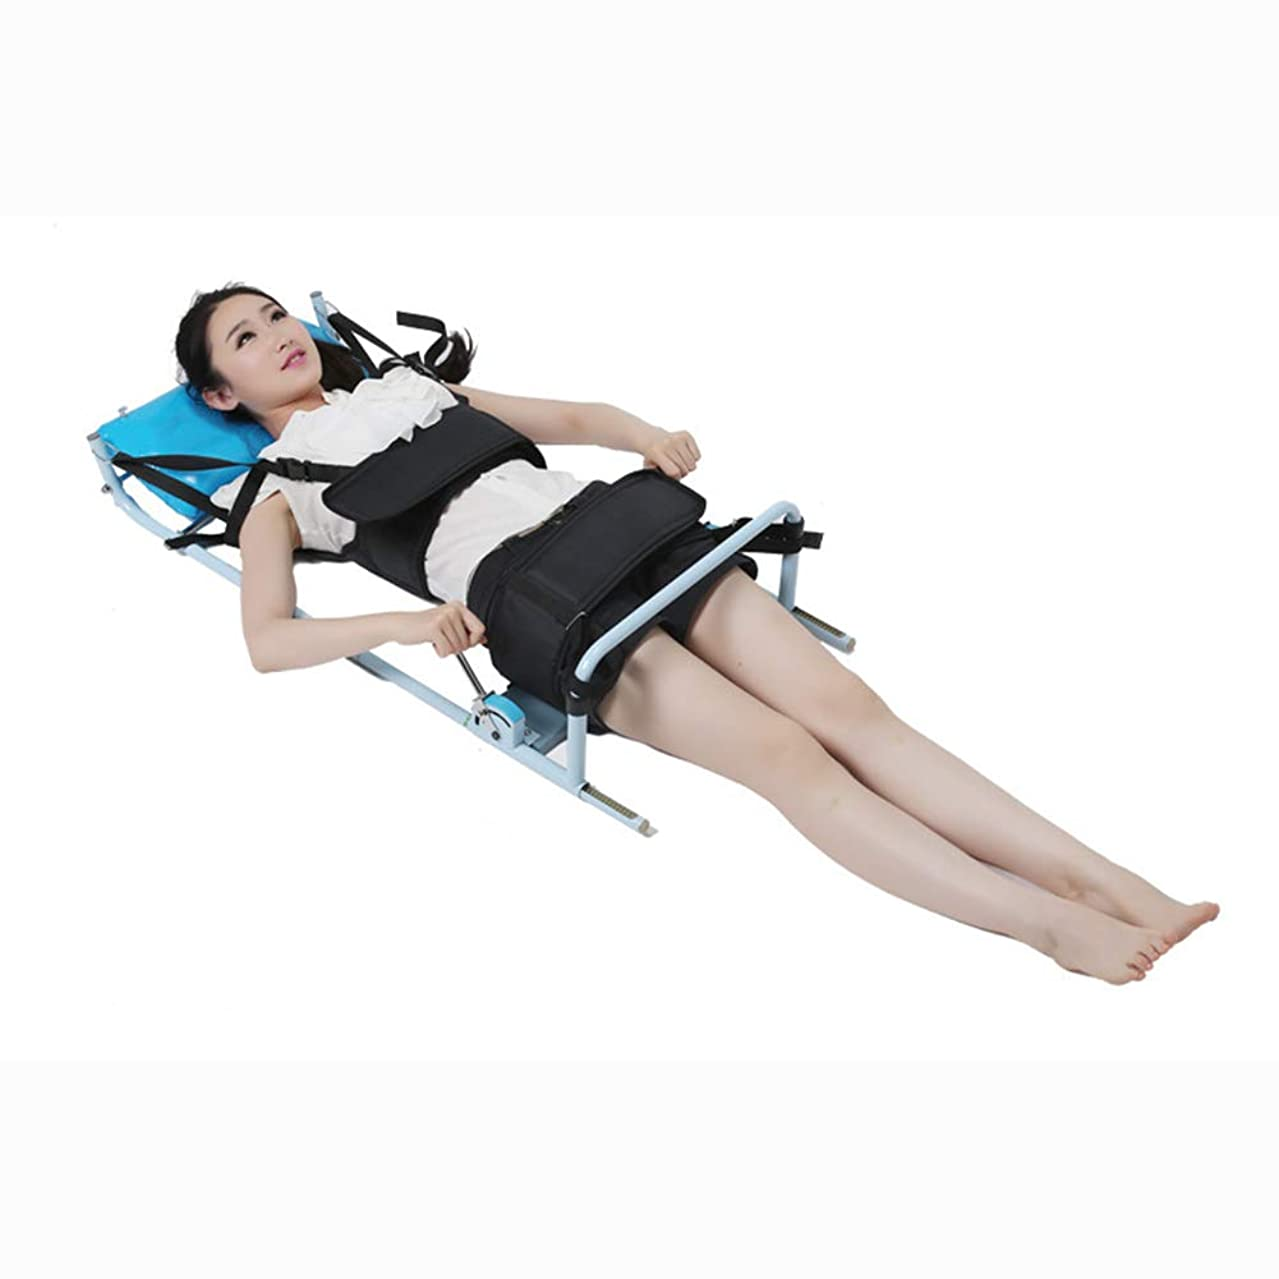 刈り取る包帯反対にポータブル頸椎腰椎牽引ベッド脊椎症治療マッサージ体ストレッチ装置用腰痛腰痛